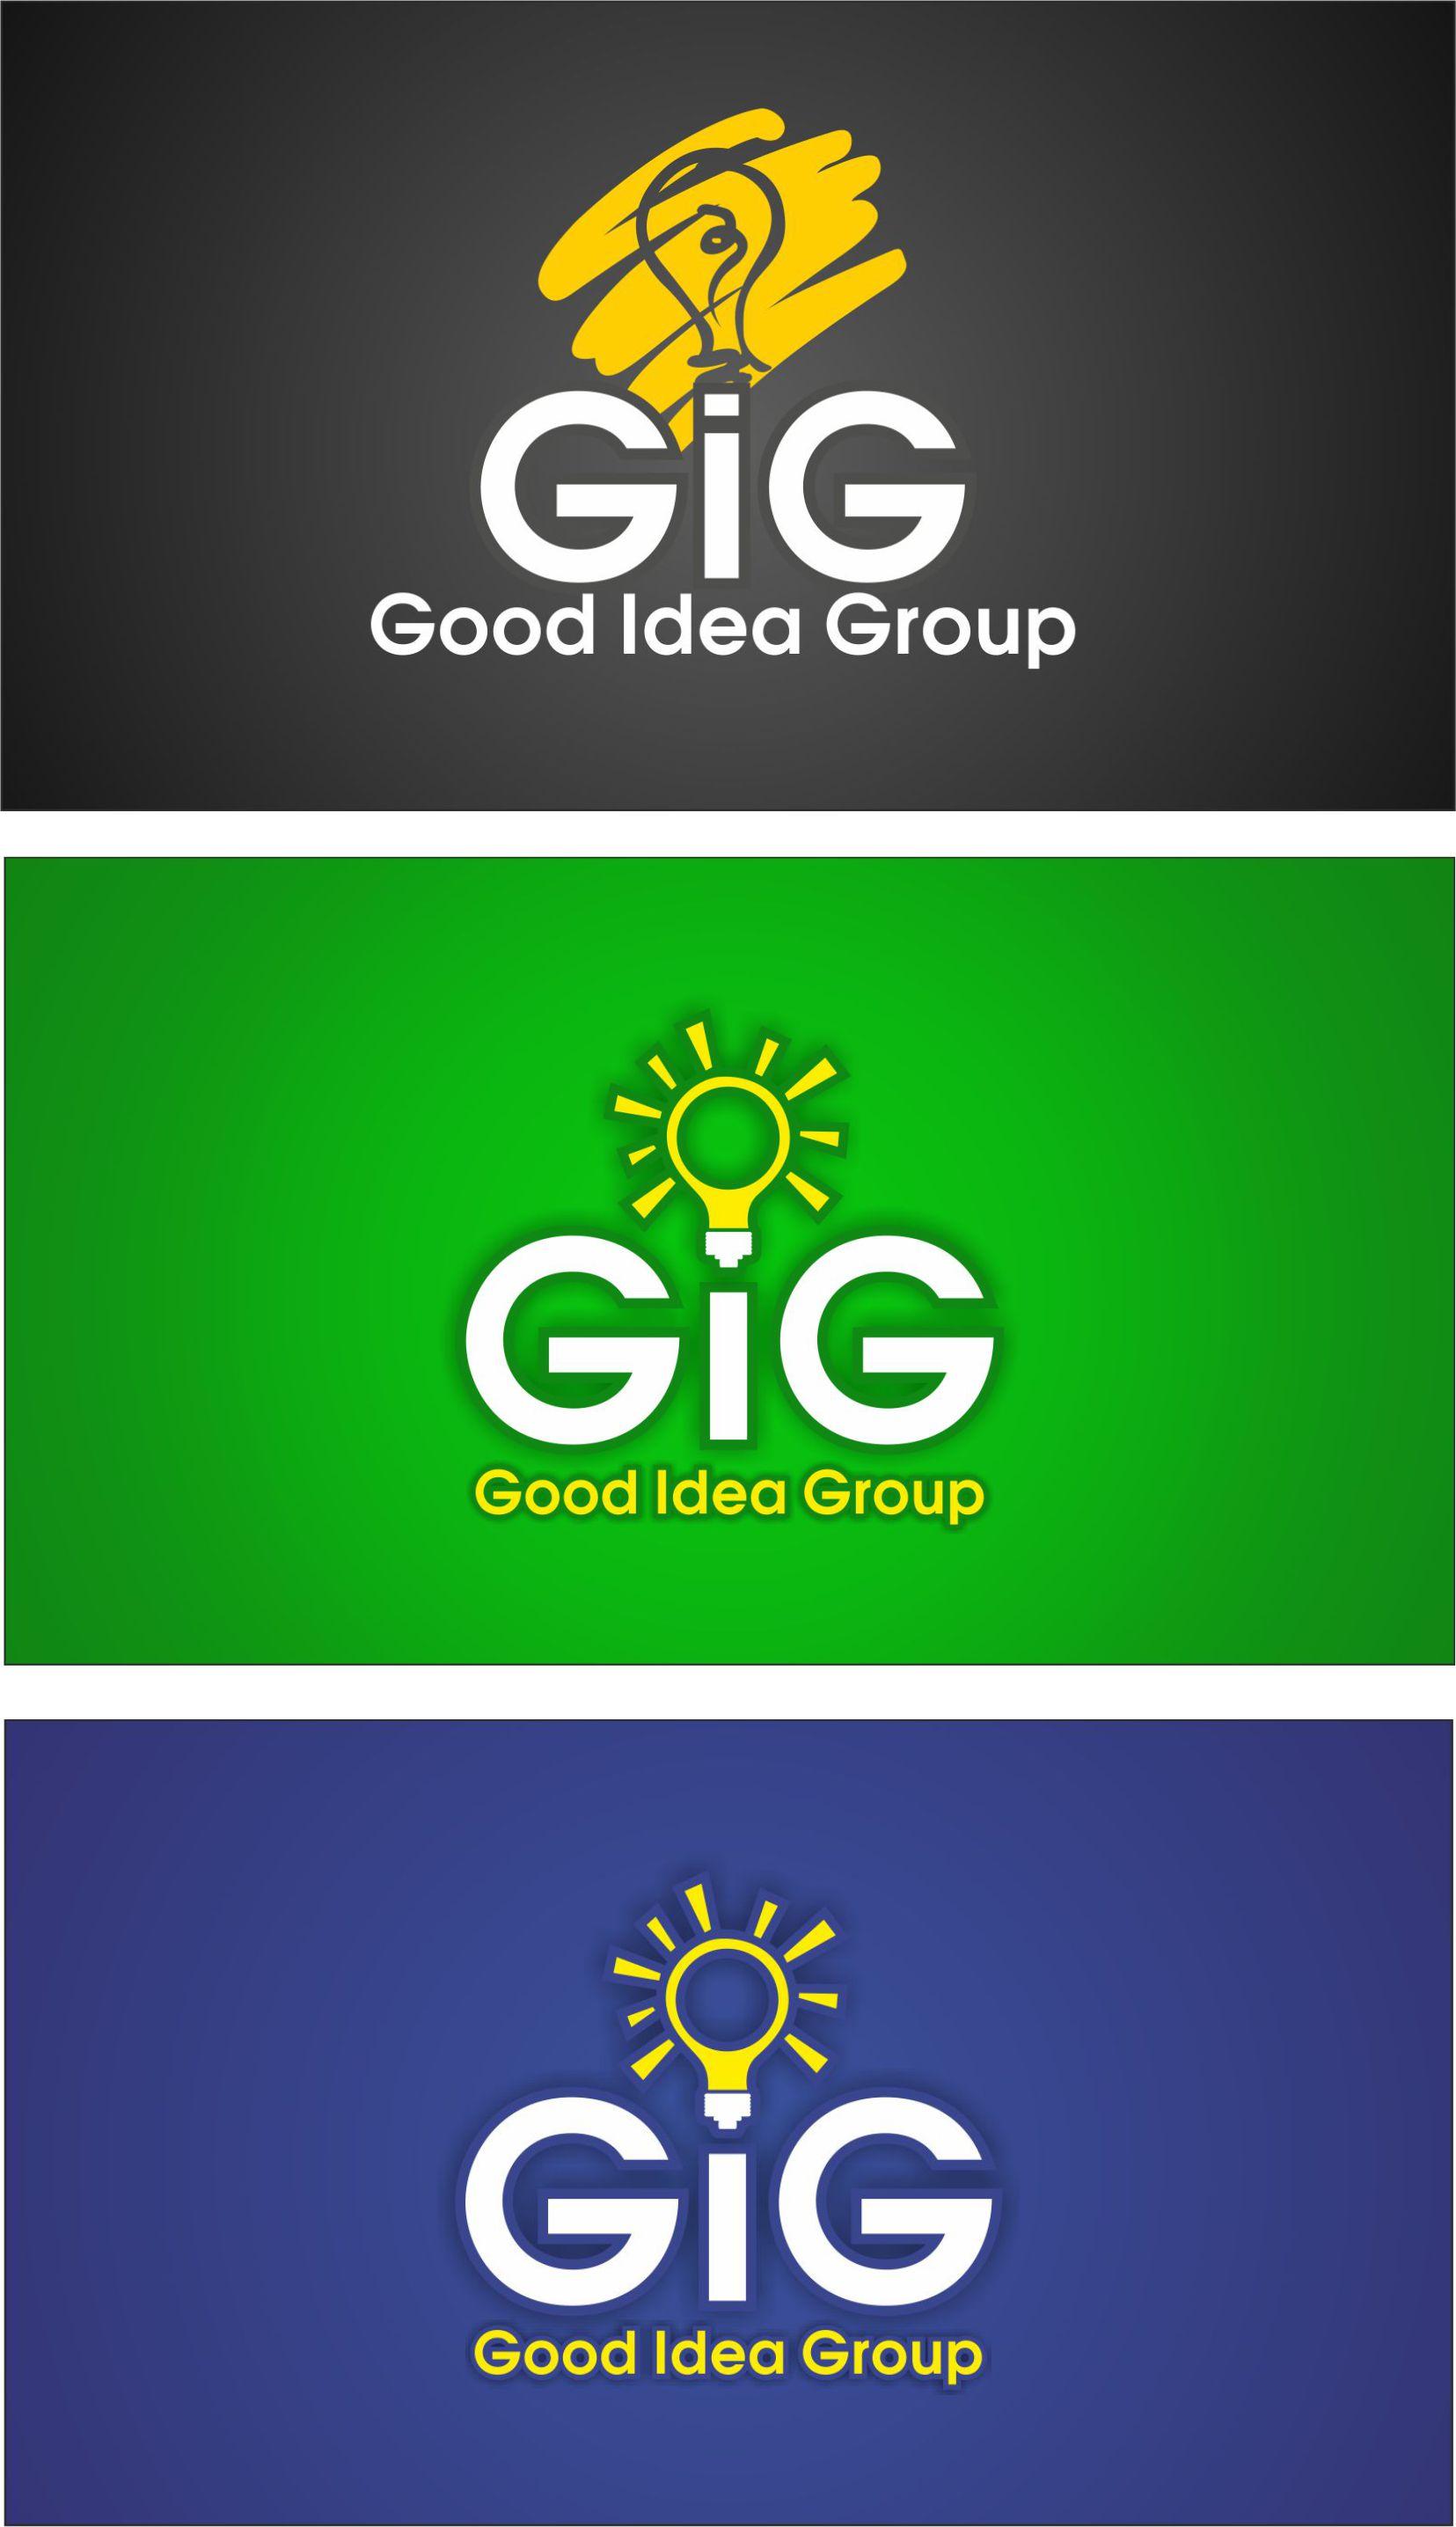 Варианты логотипа для GIG